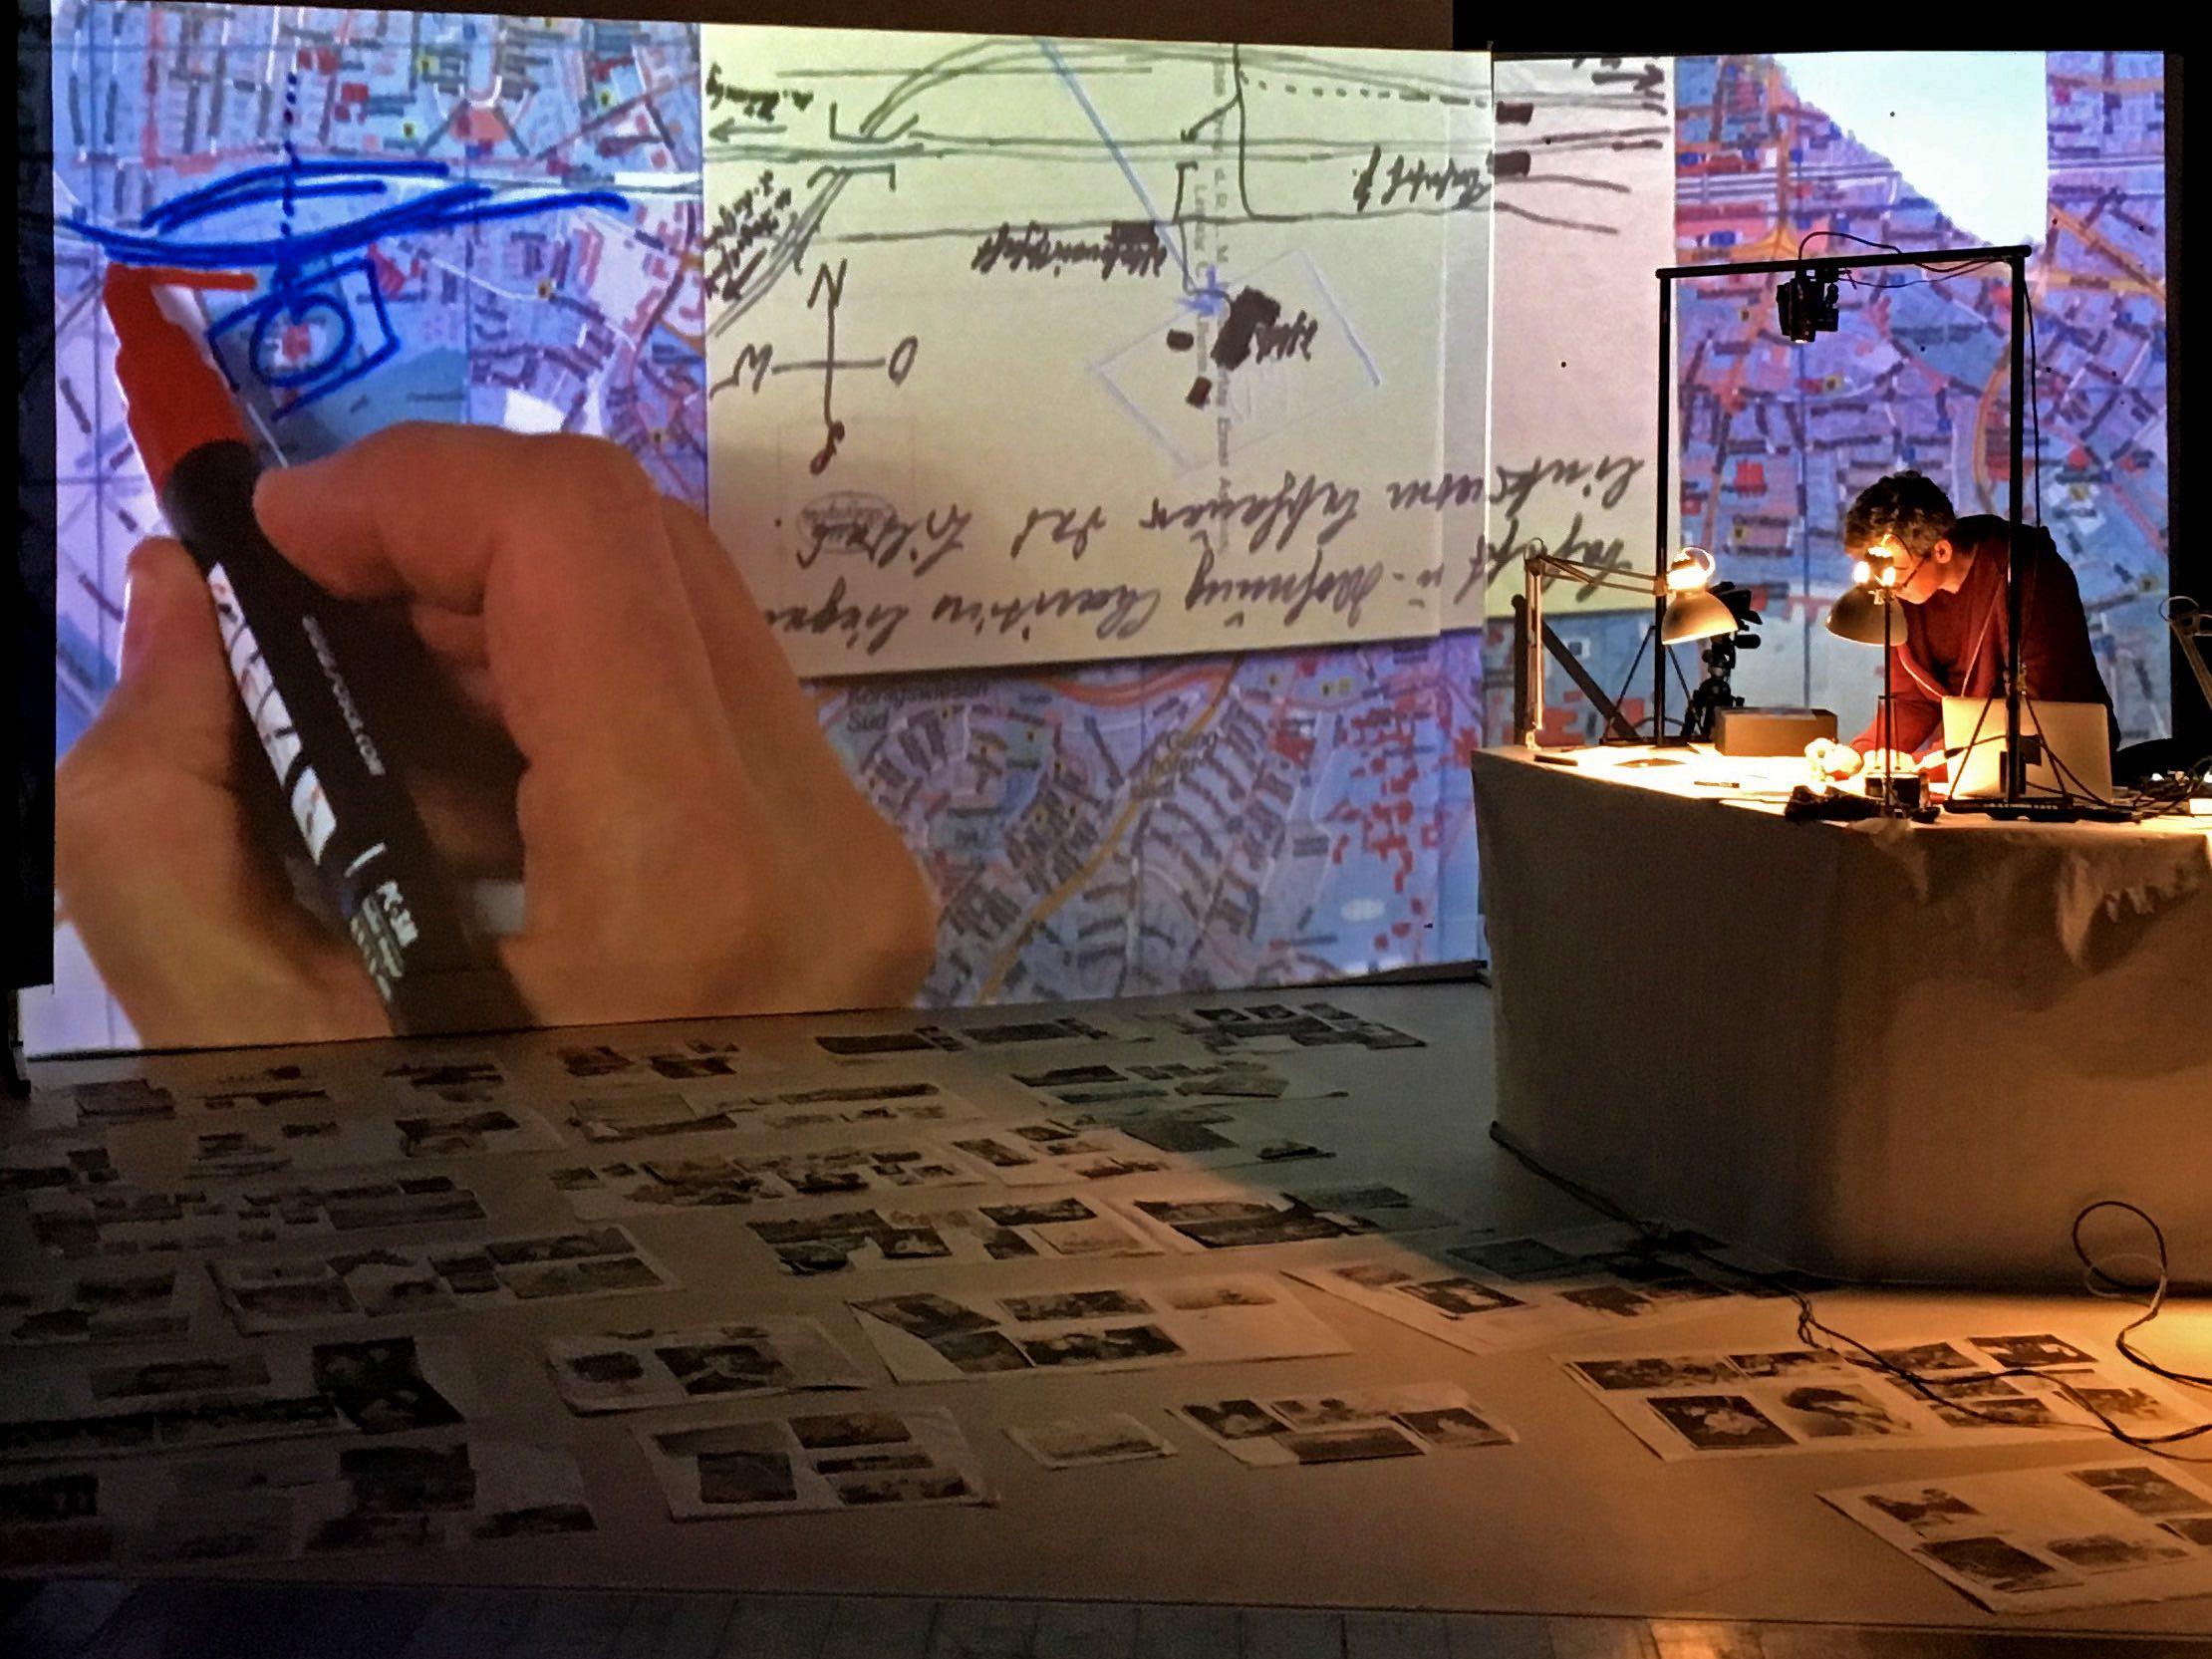 vies de papier, la bande passante, theatre d'objets, theatre documentaire, tommy laszlo, benoit faivre, album photo